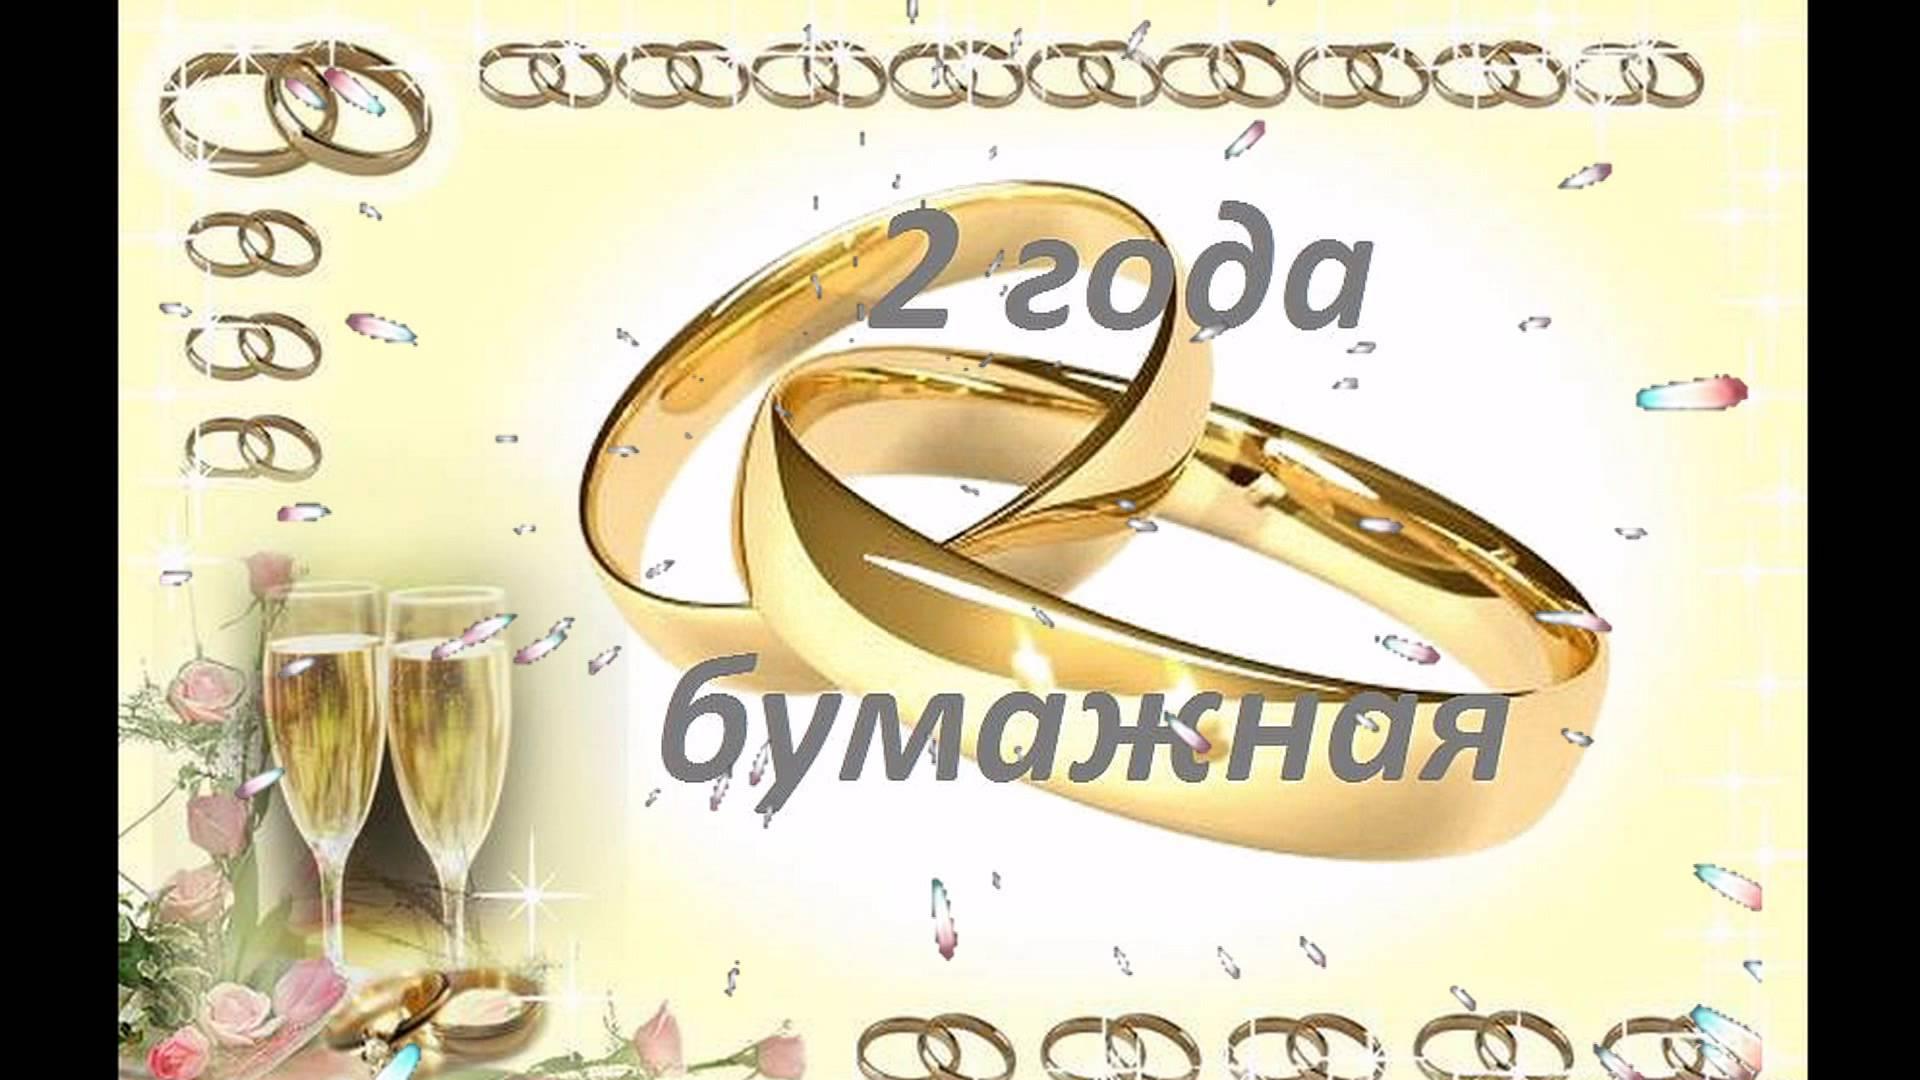 Бумажная свадьба поздравительные открытки